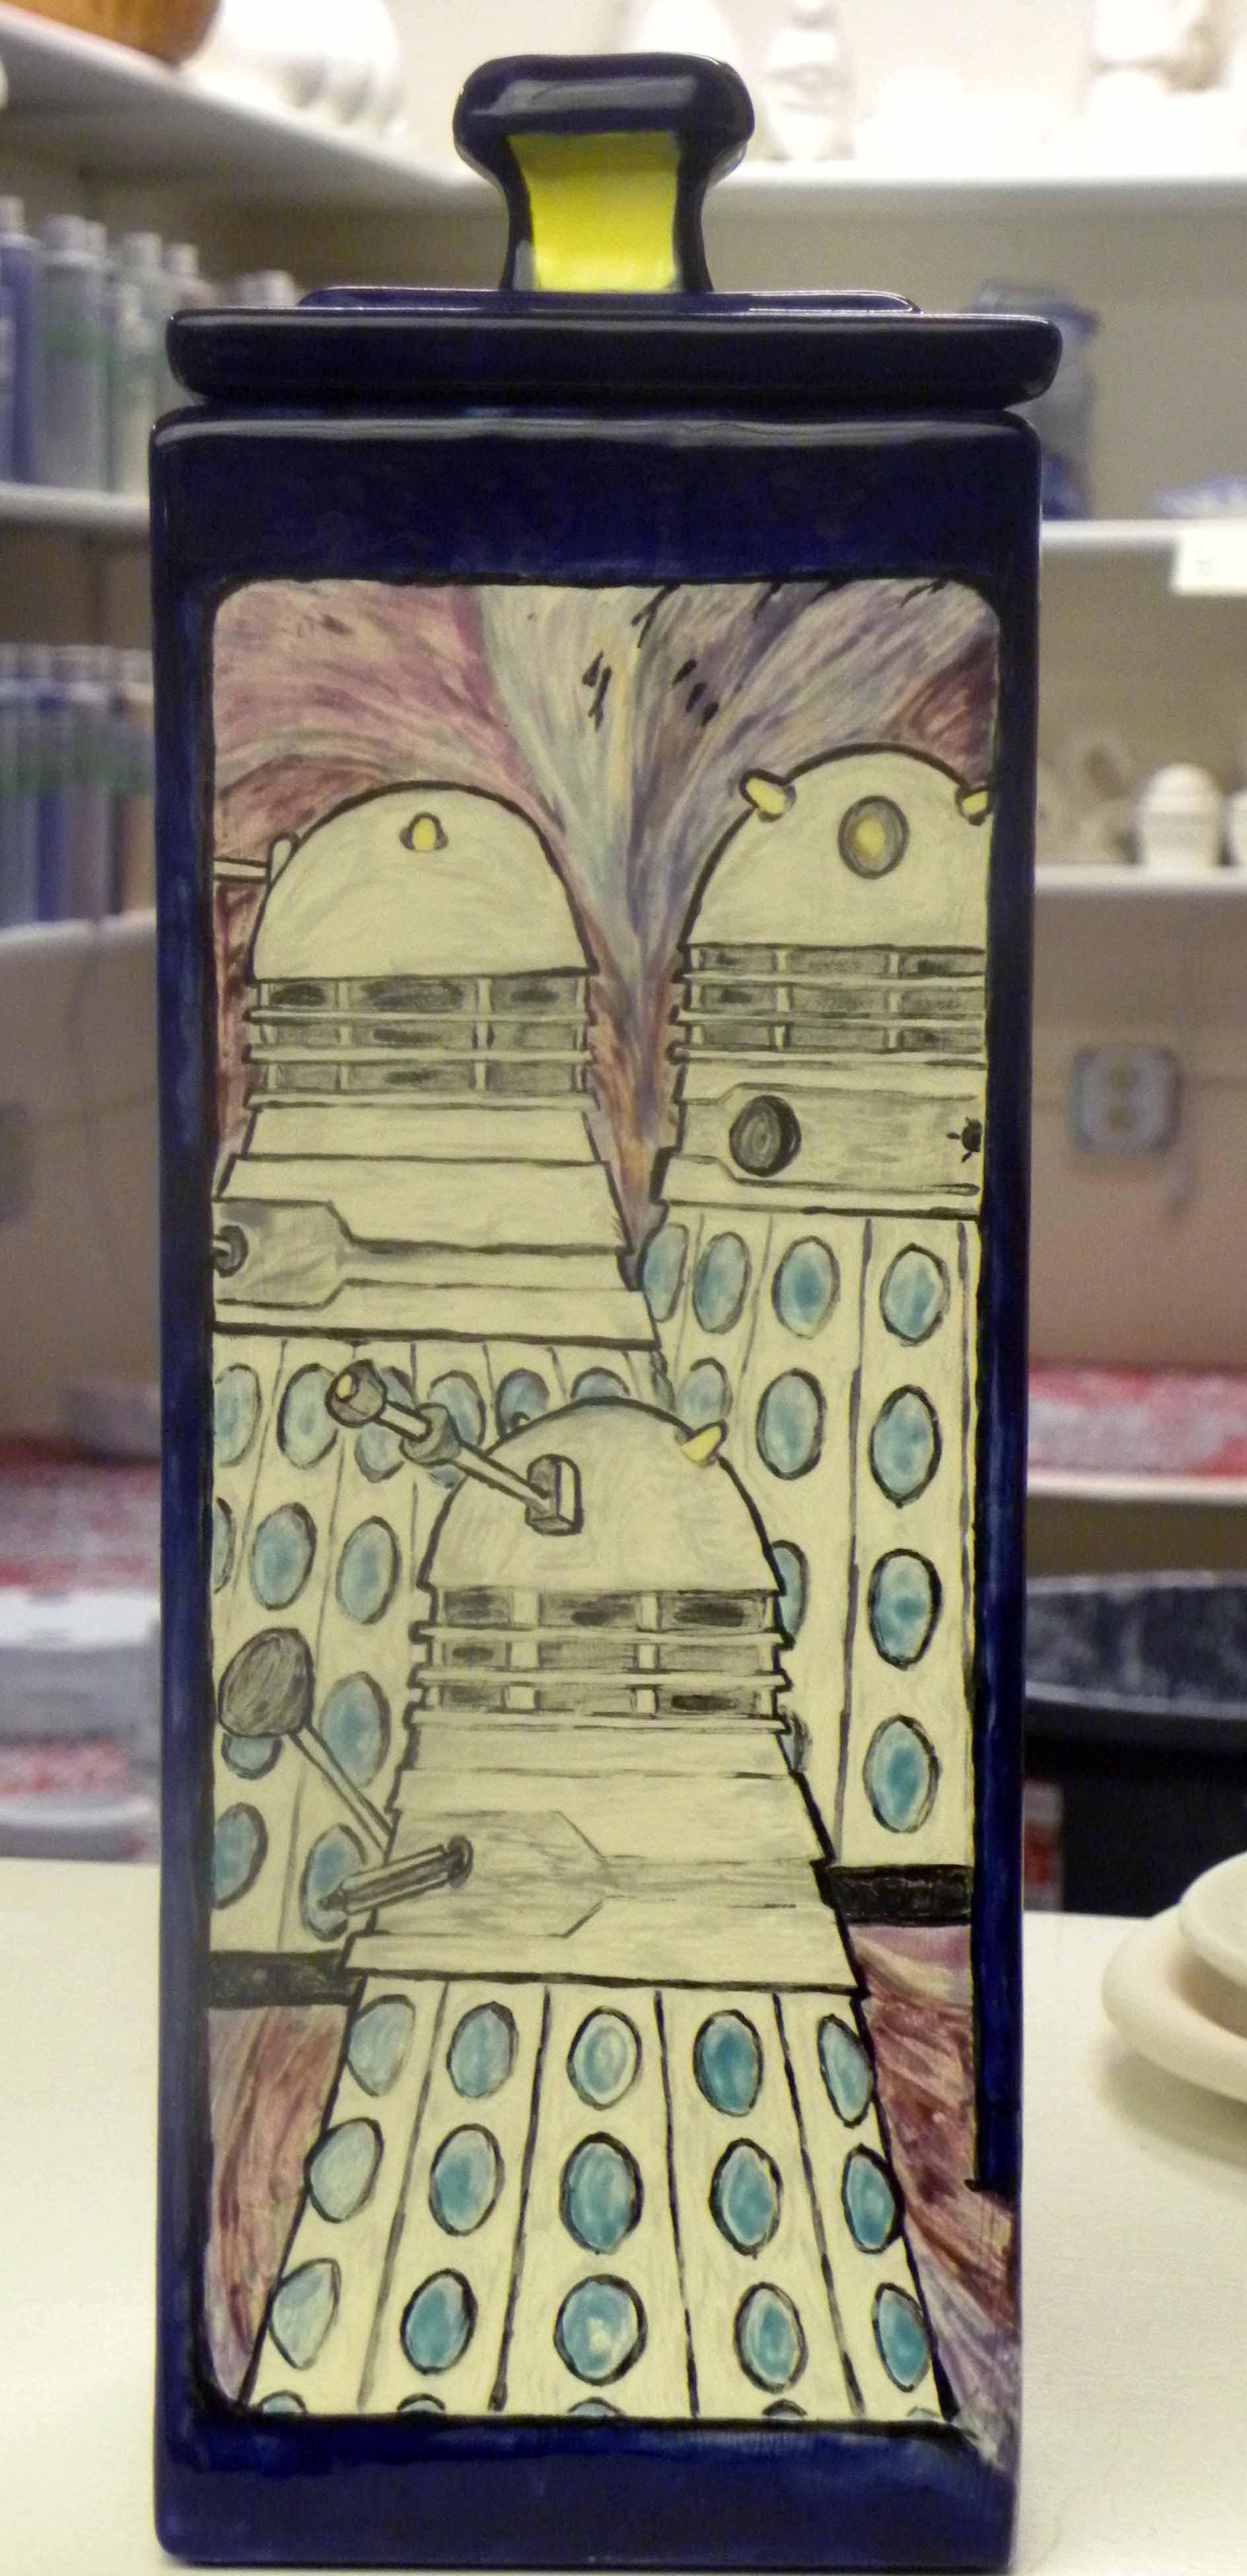 Dalek Mural